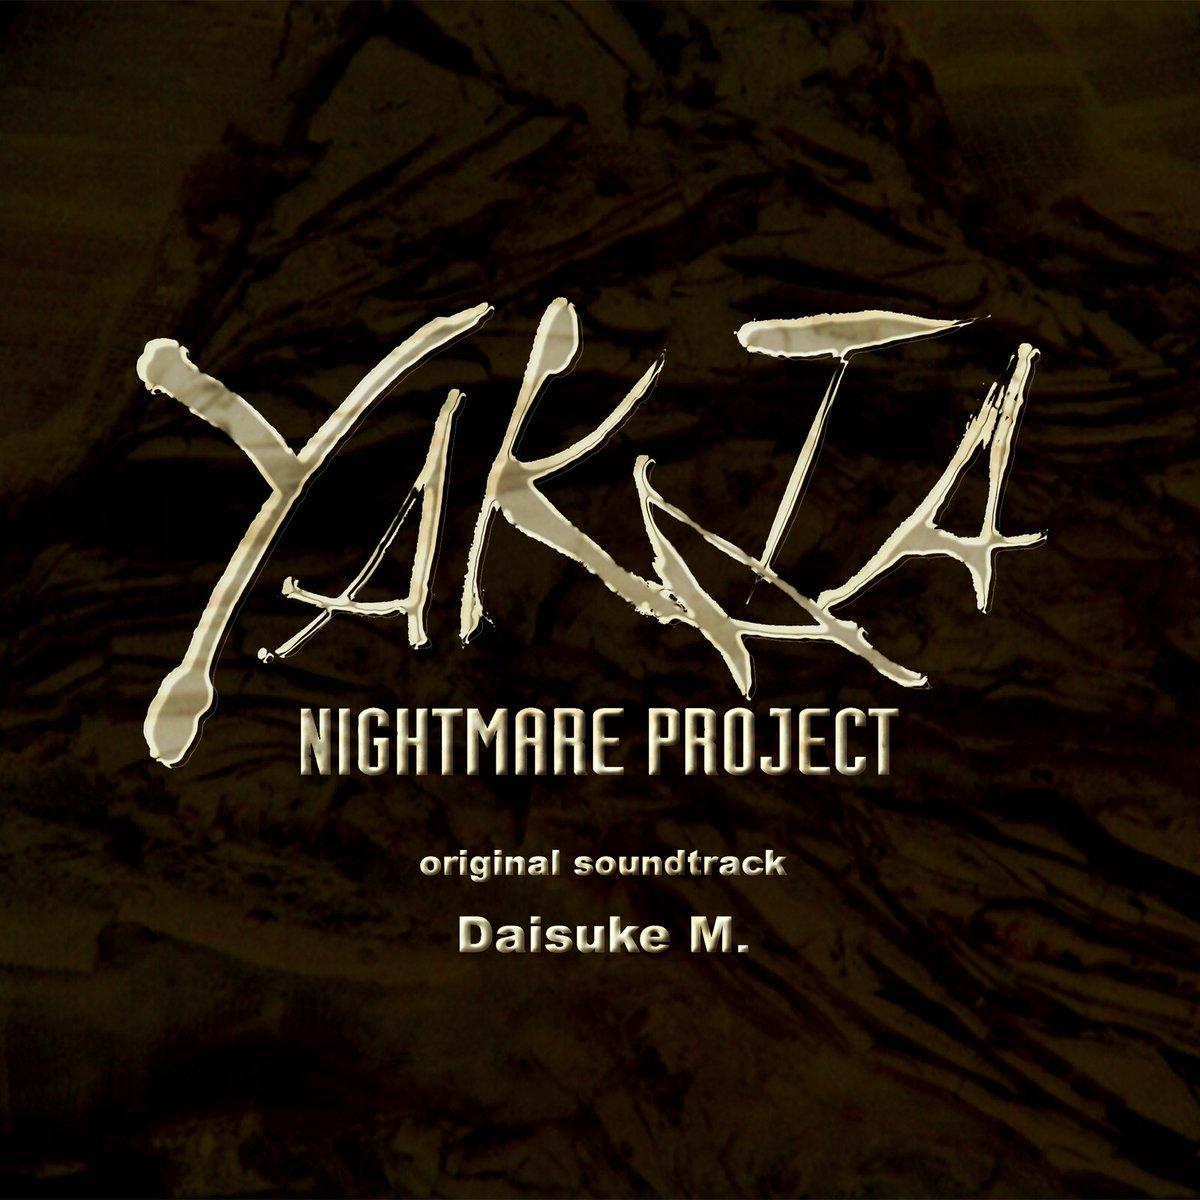 【配信】1999年にリリースした、プレイステーション用RPG『ナイトメア・プロジェクトYAKATA』オリジナル・サウンドトラックCDの配信が開始されました(CDは廃盤)。オリジナルCDに収録されていた76曲に加え、(つづく) https://t.co/Rh4jffTQkN